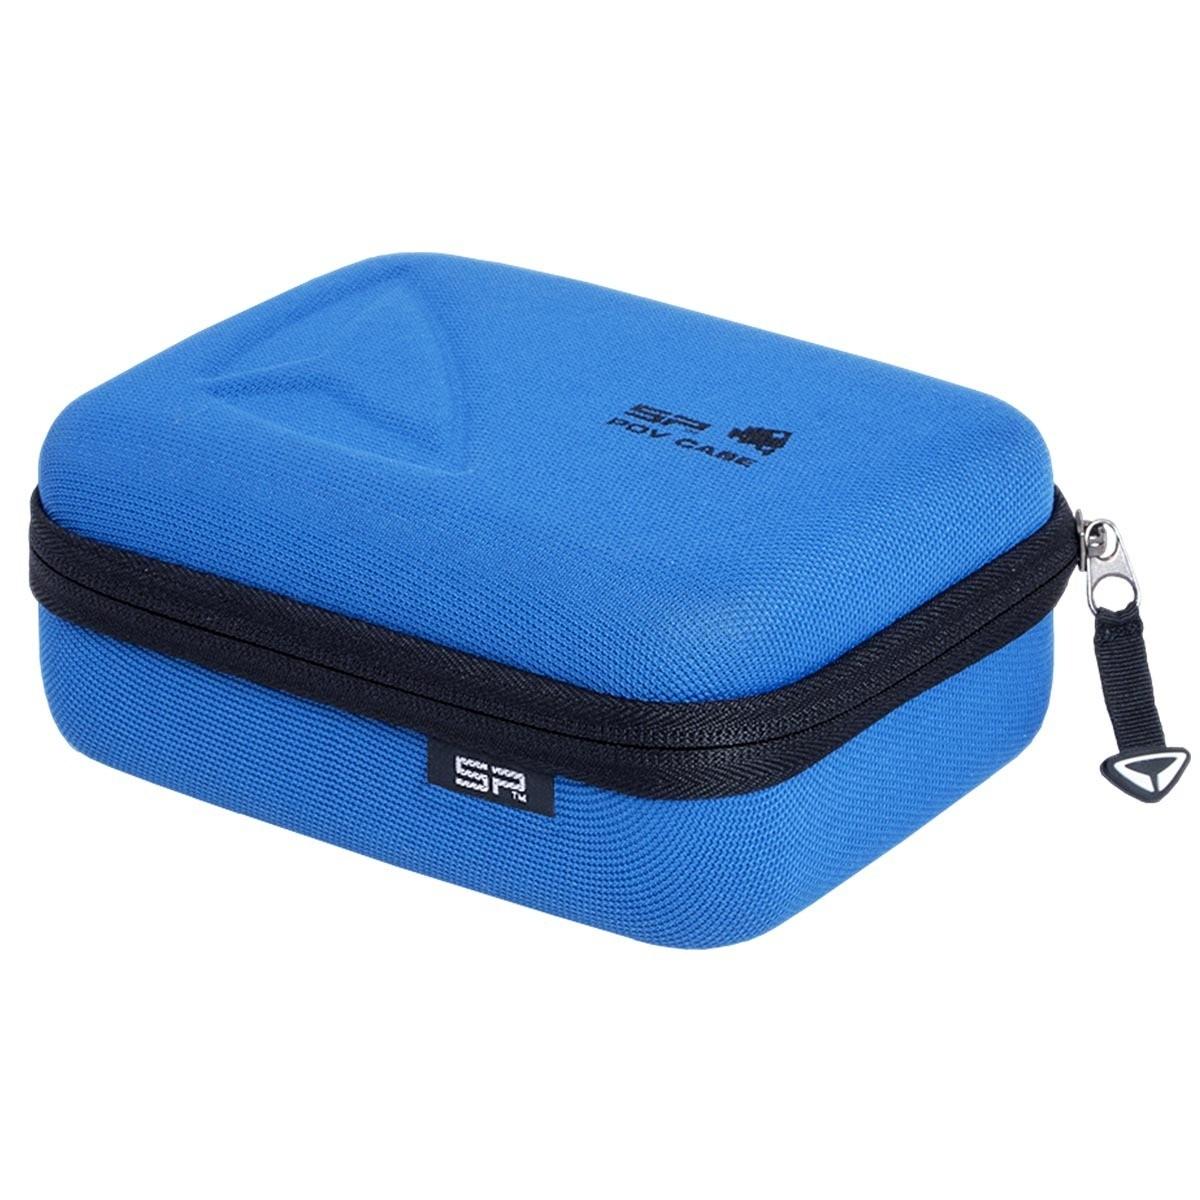 цена на Кейс для камеры и аксессуаров SP-Gadgets SP POV Case XS GoPro-Edition 3.0 blue